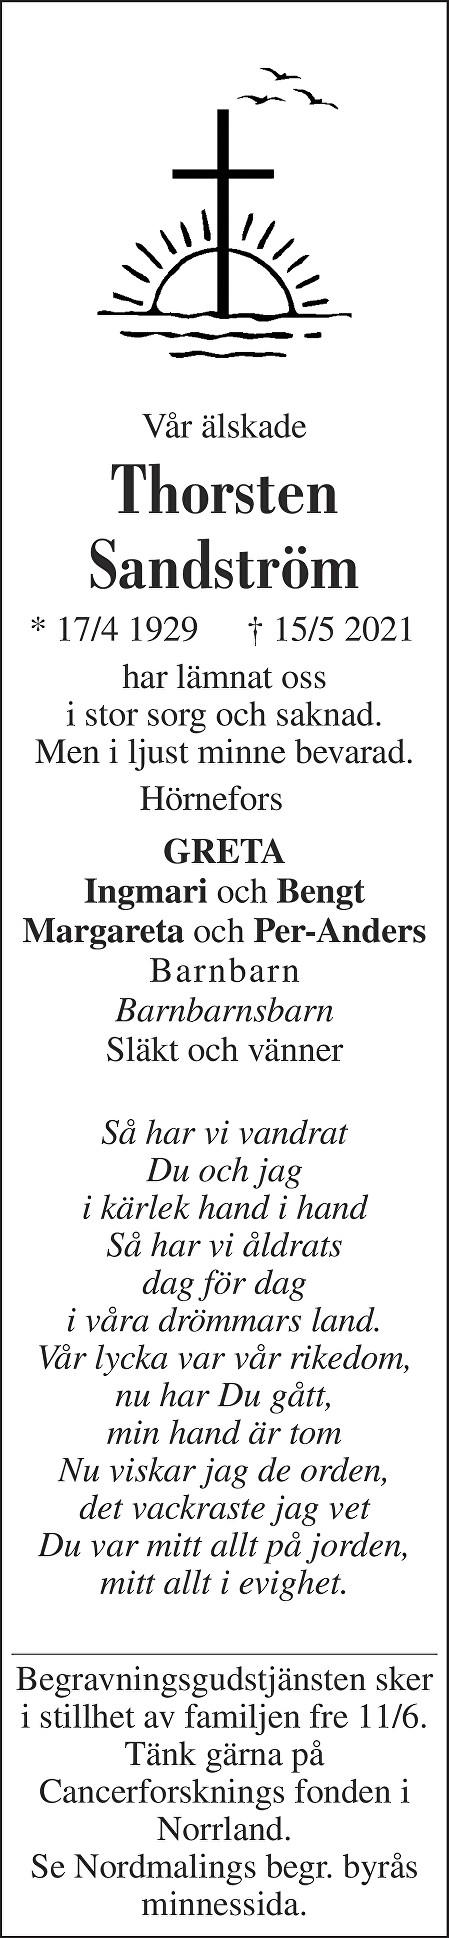 Thorsten Sandström Death notice